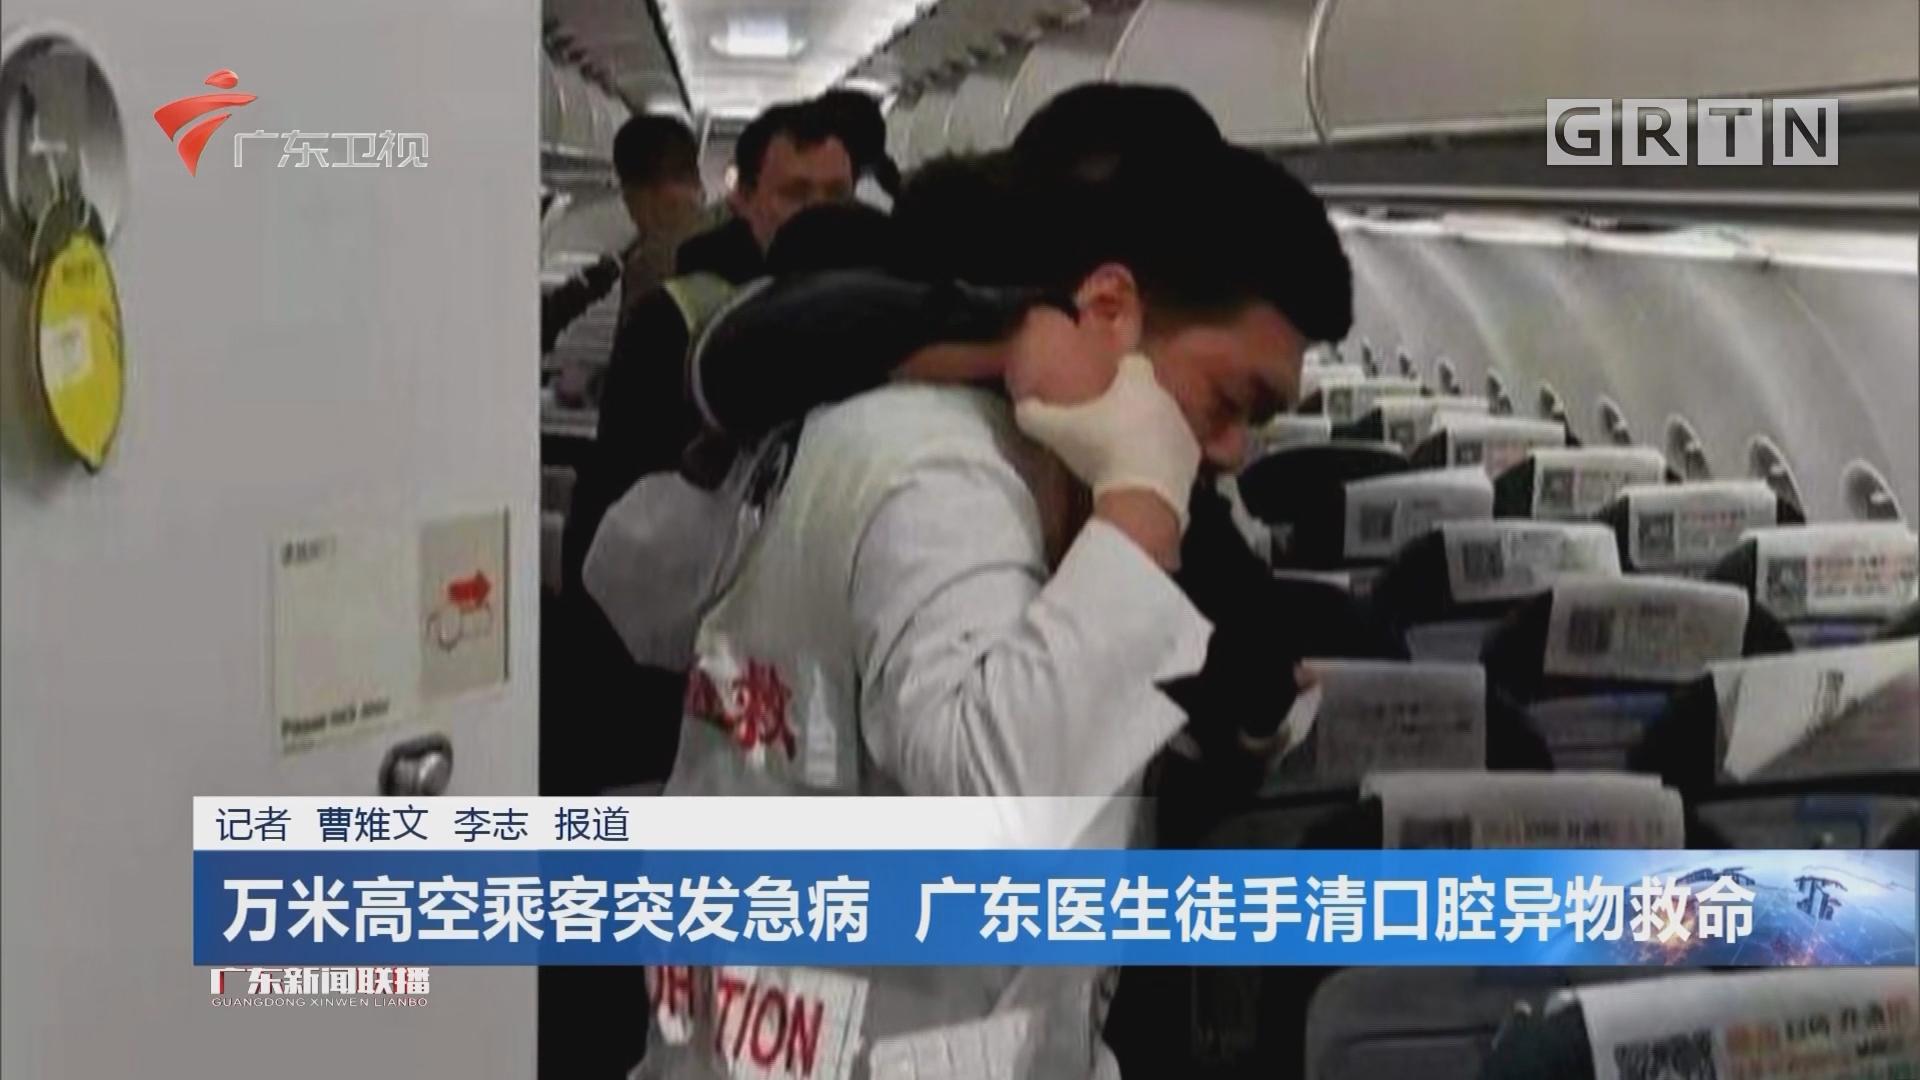 万米高空乘客突发急病 广东医生徒手清口腔异物救命